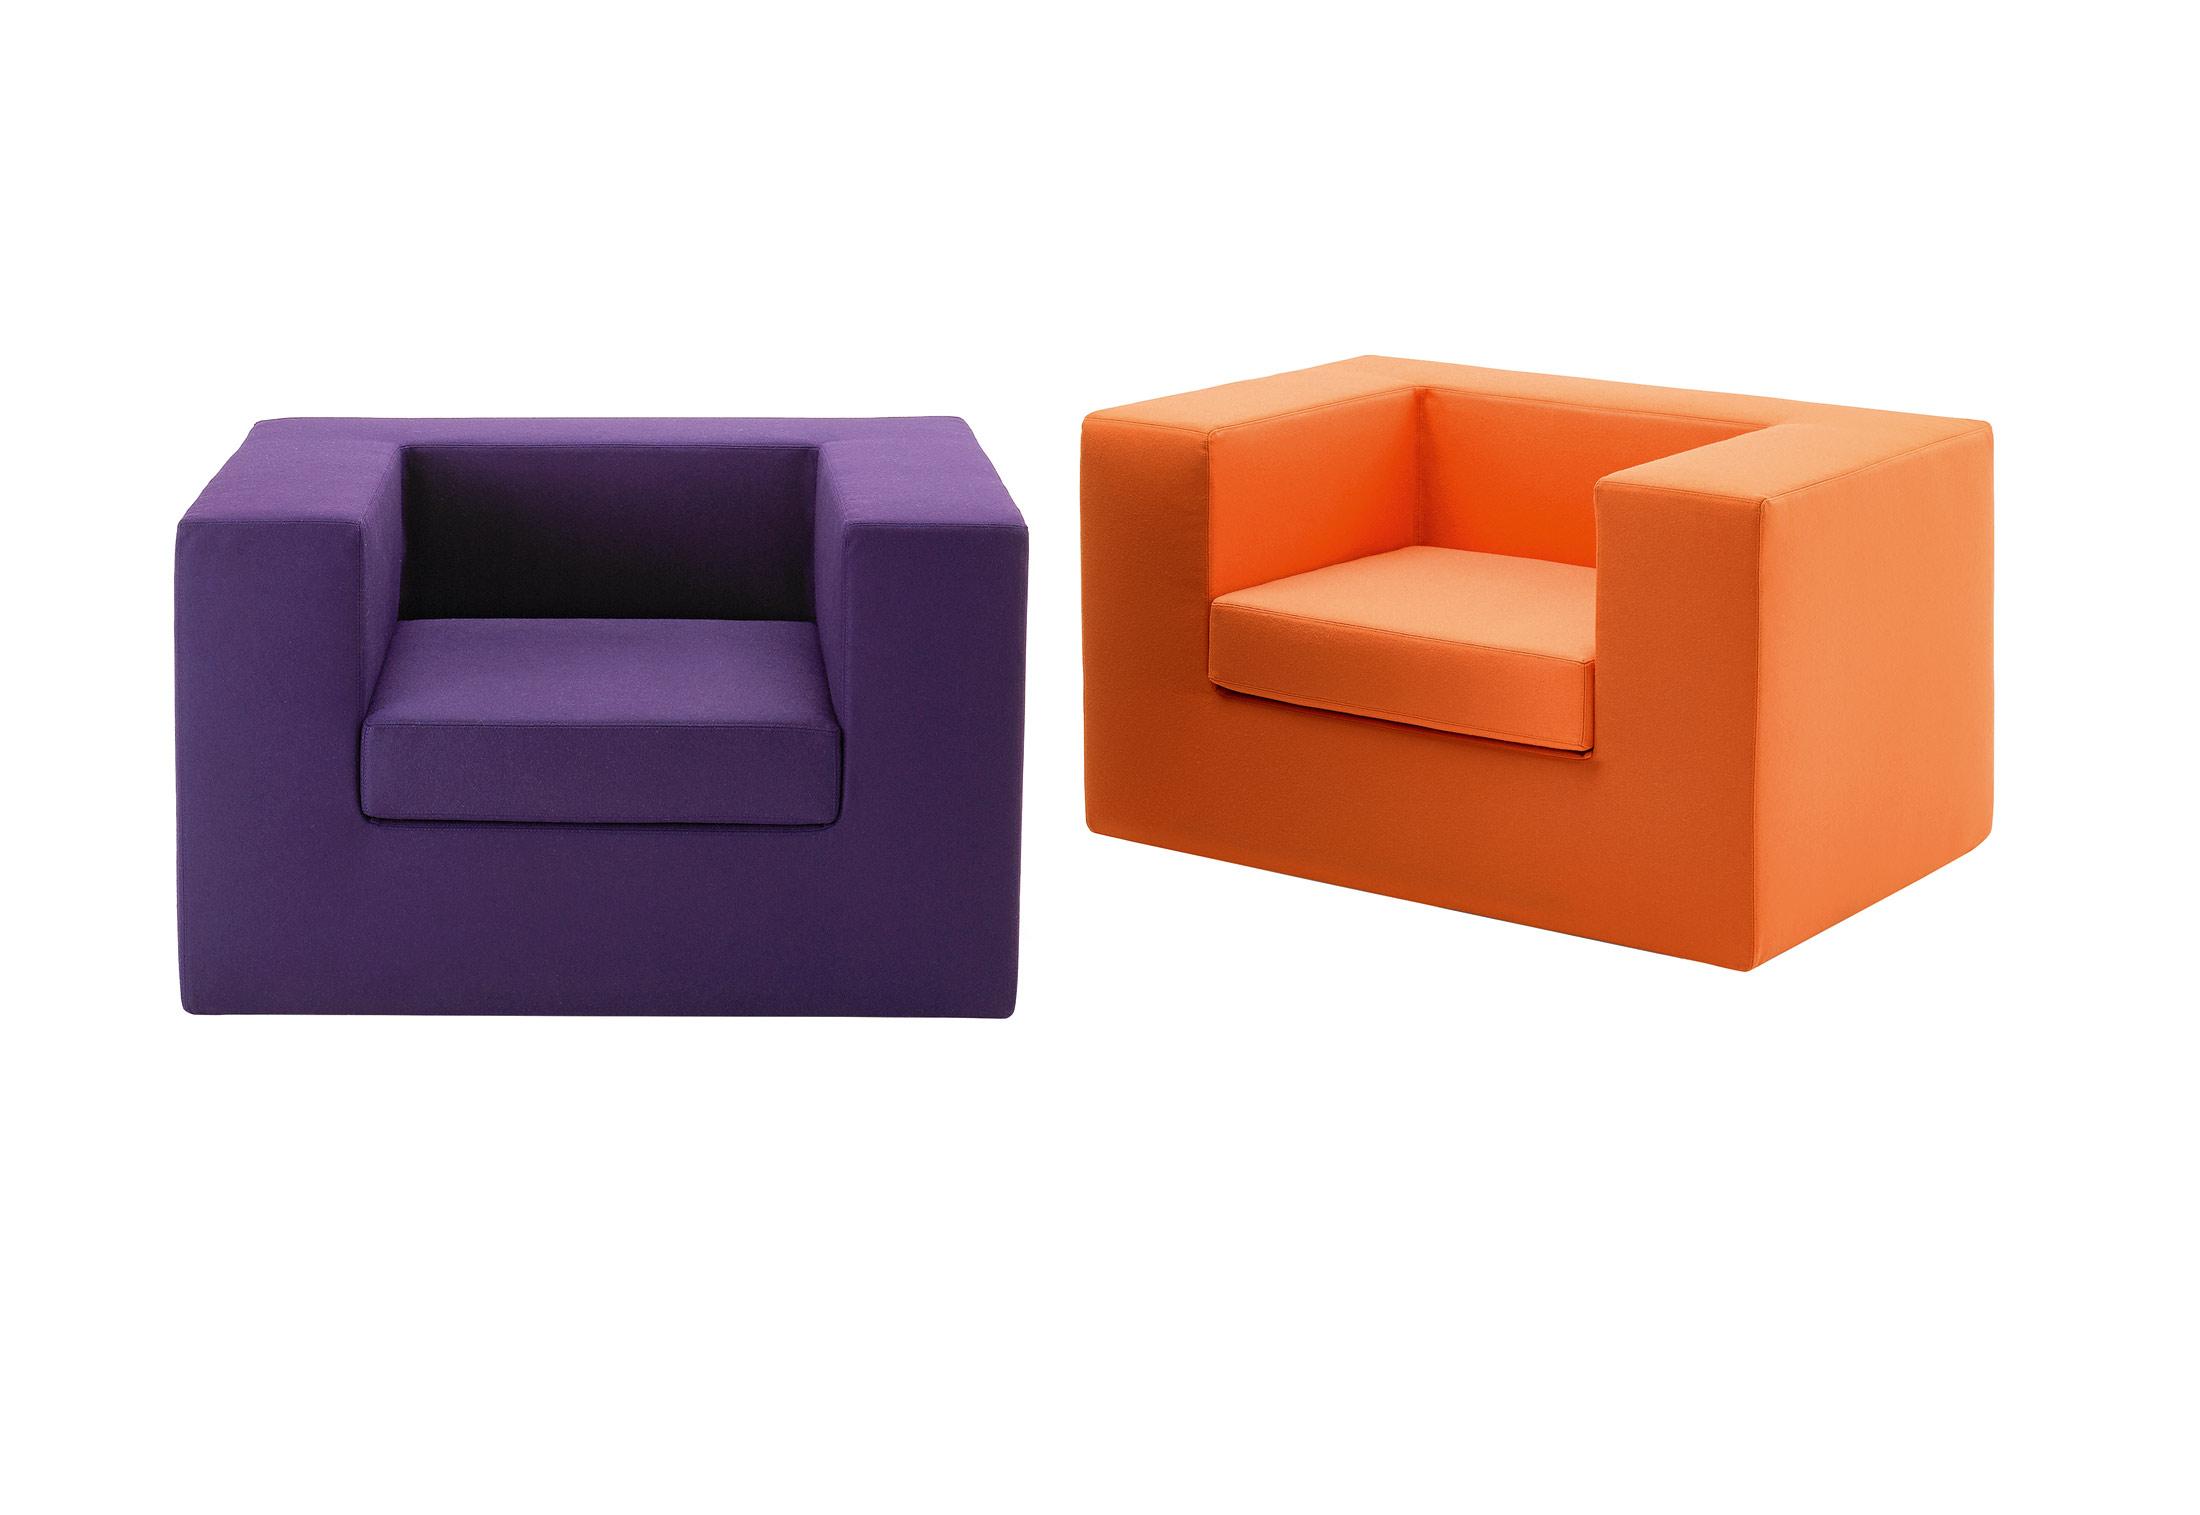 Azure Zanotta Throw Away seating